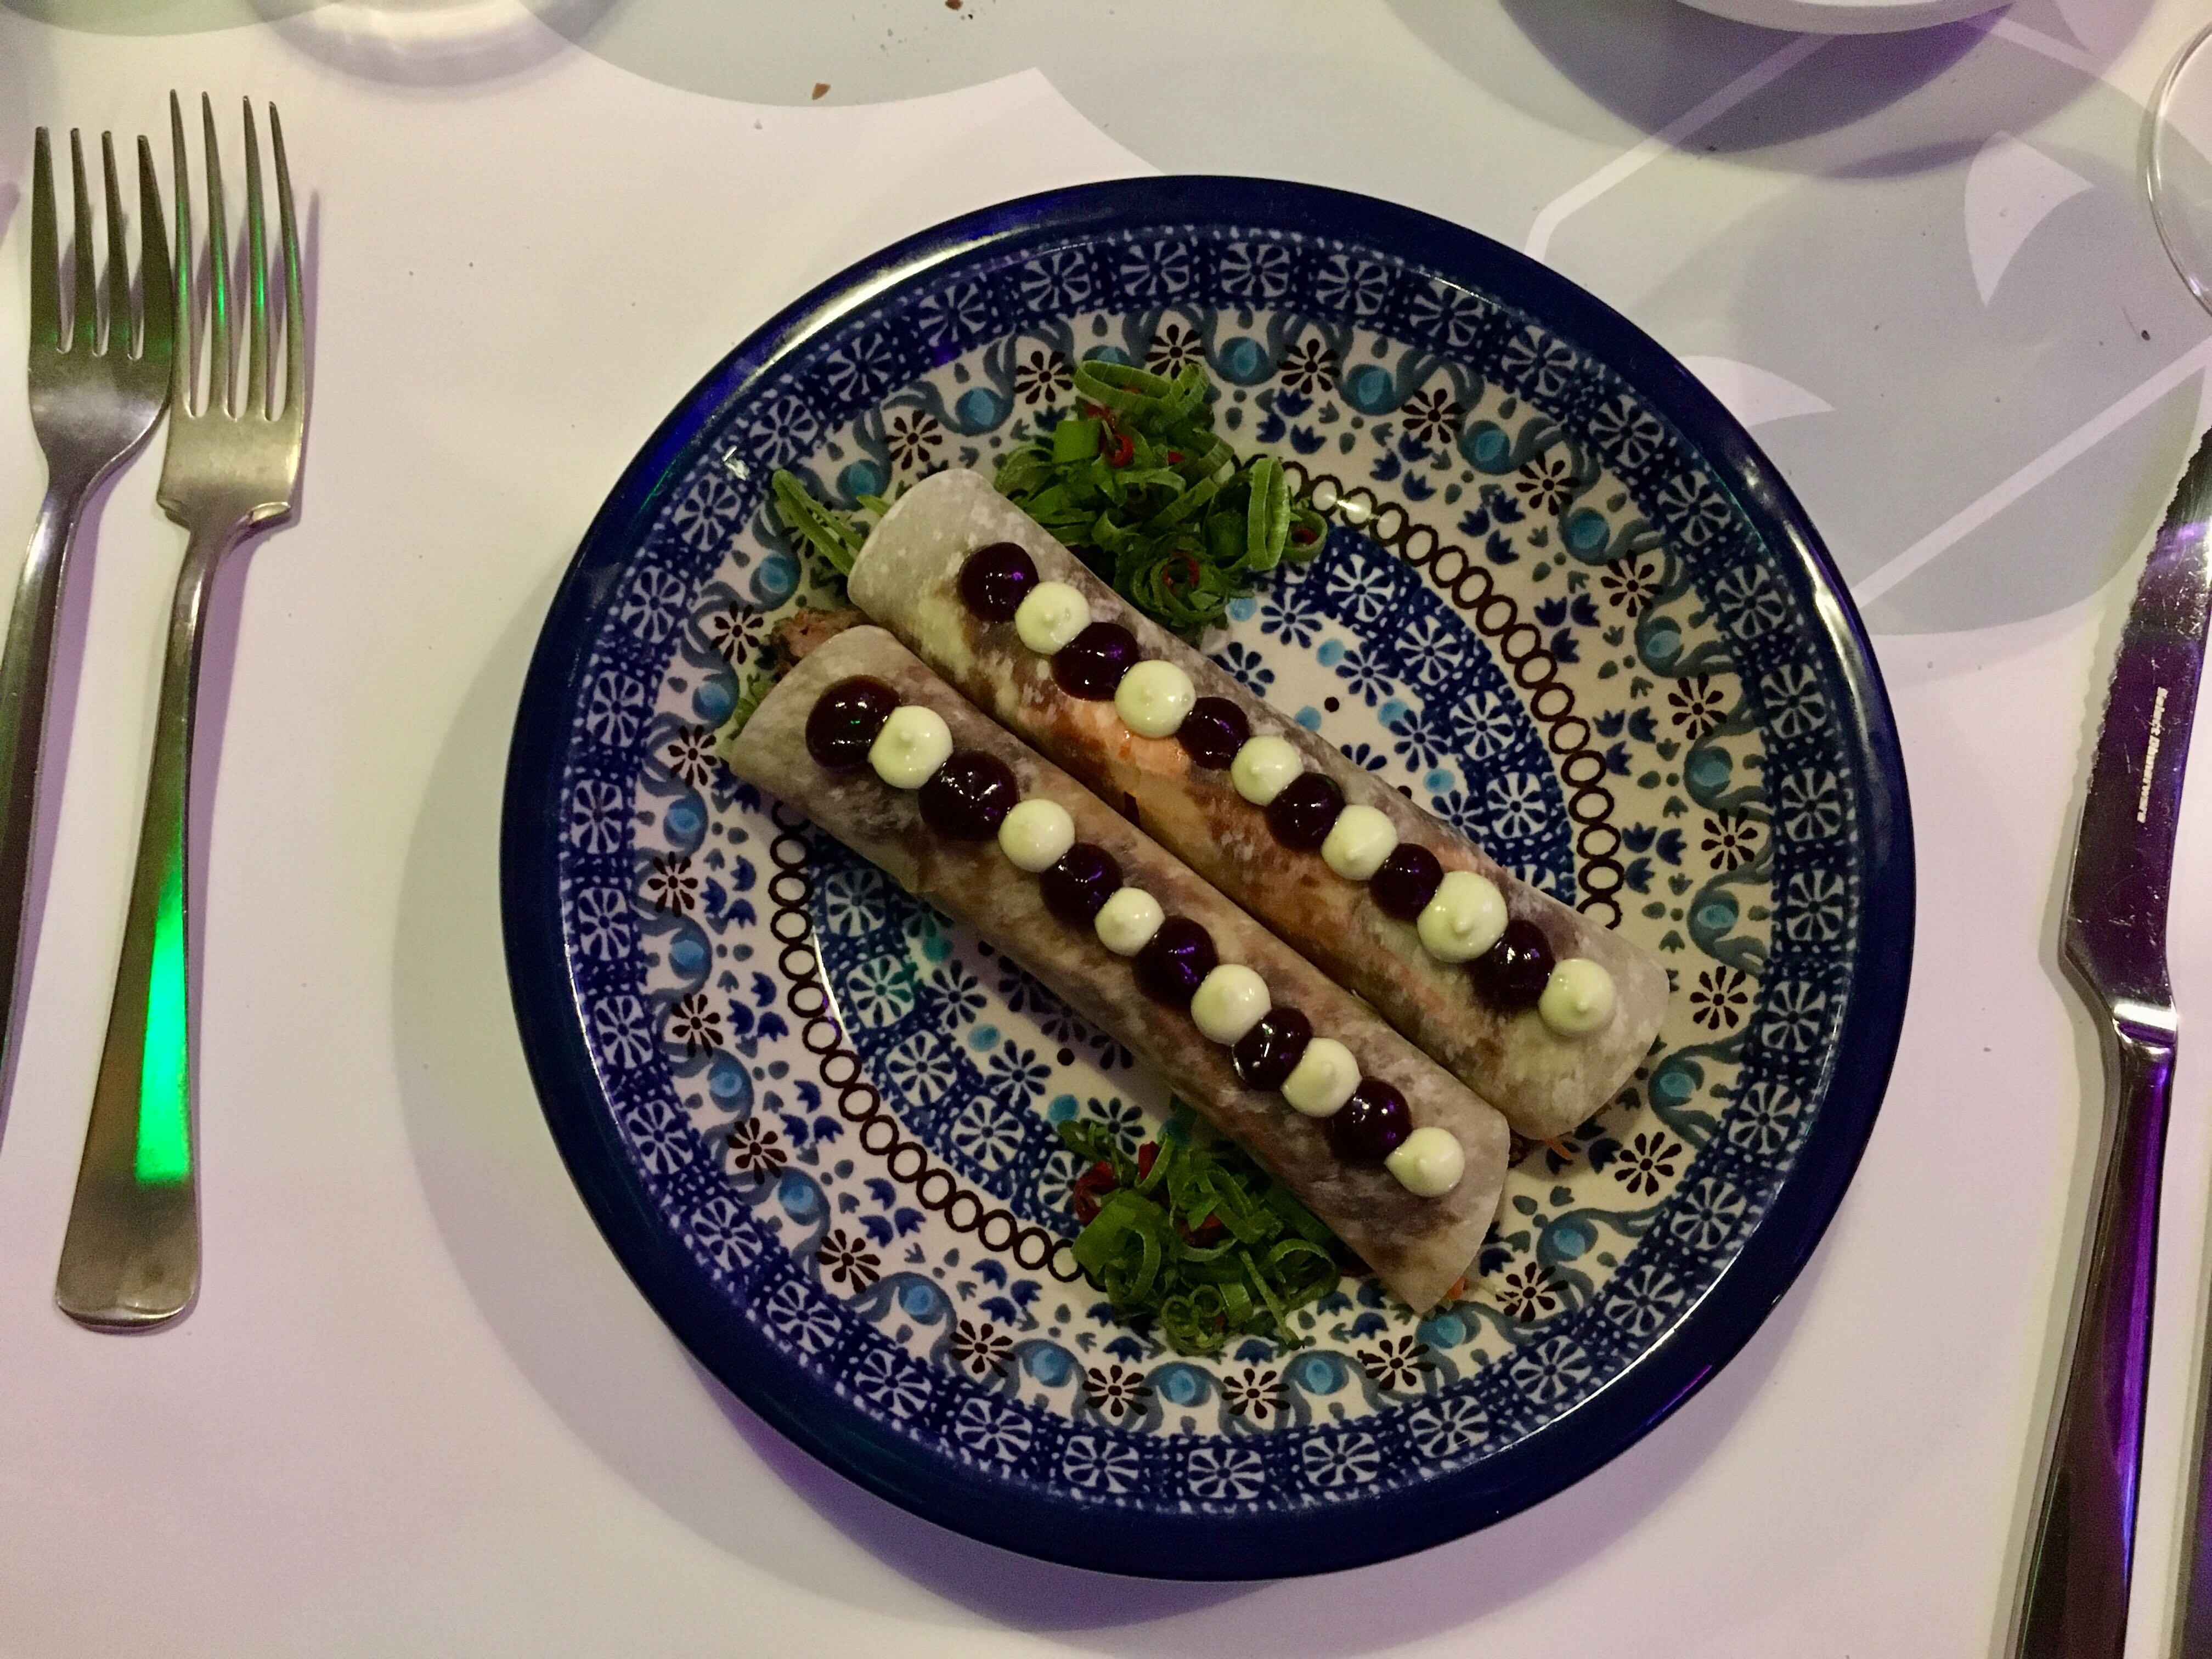 Pekingeend pannenkoekjes in restaurant RAUW. Foto: Ingelise de Vries